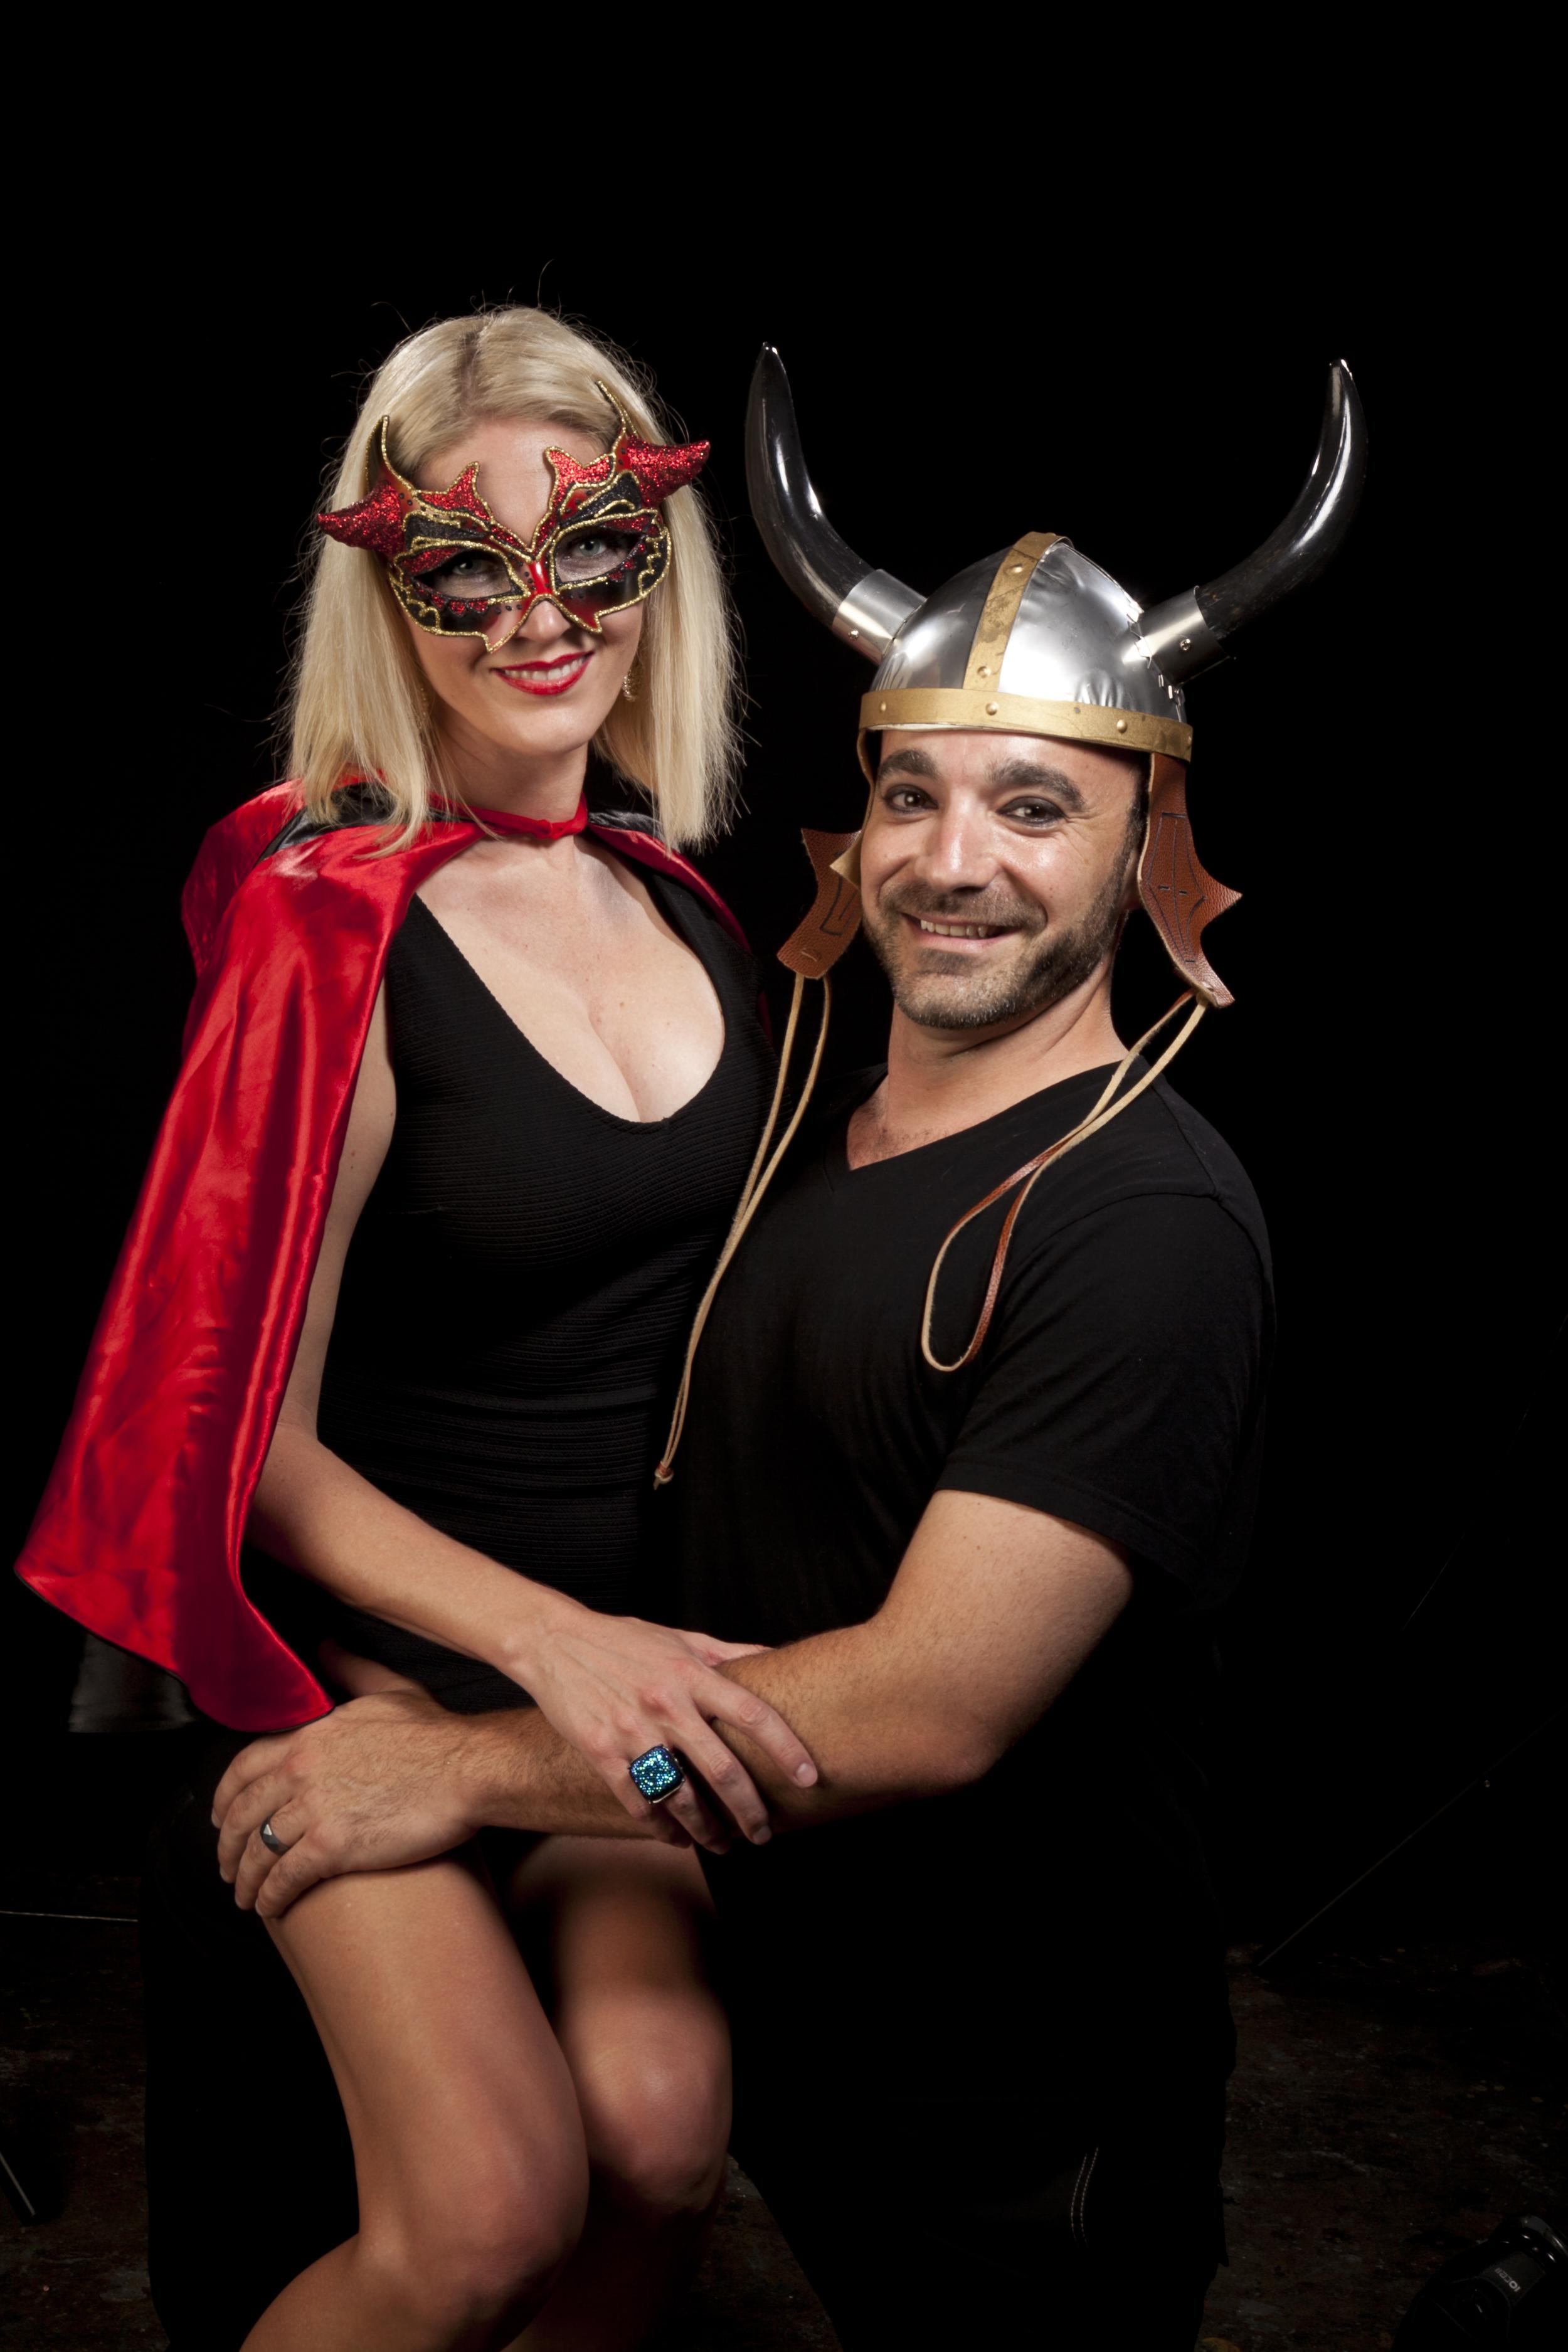 Mr and Mrs Horned hat IMG_4409.jpg